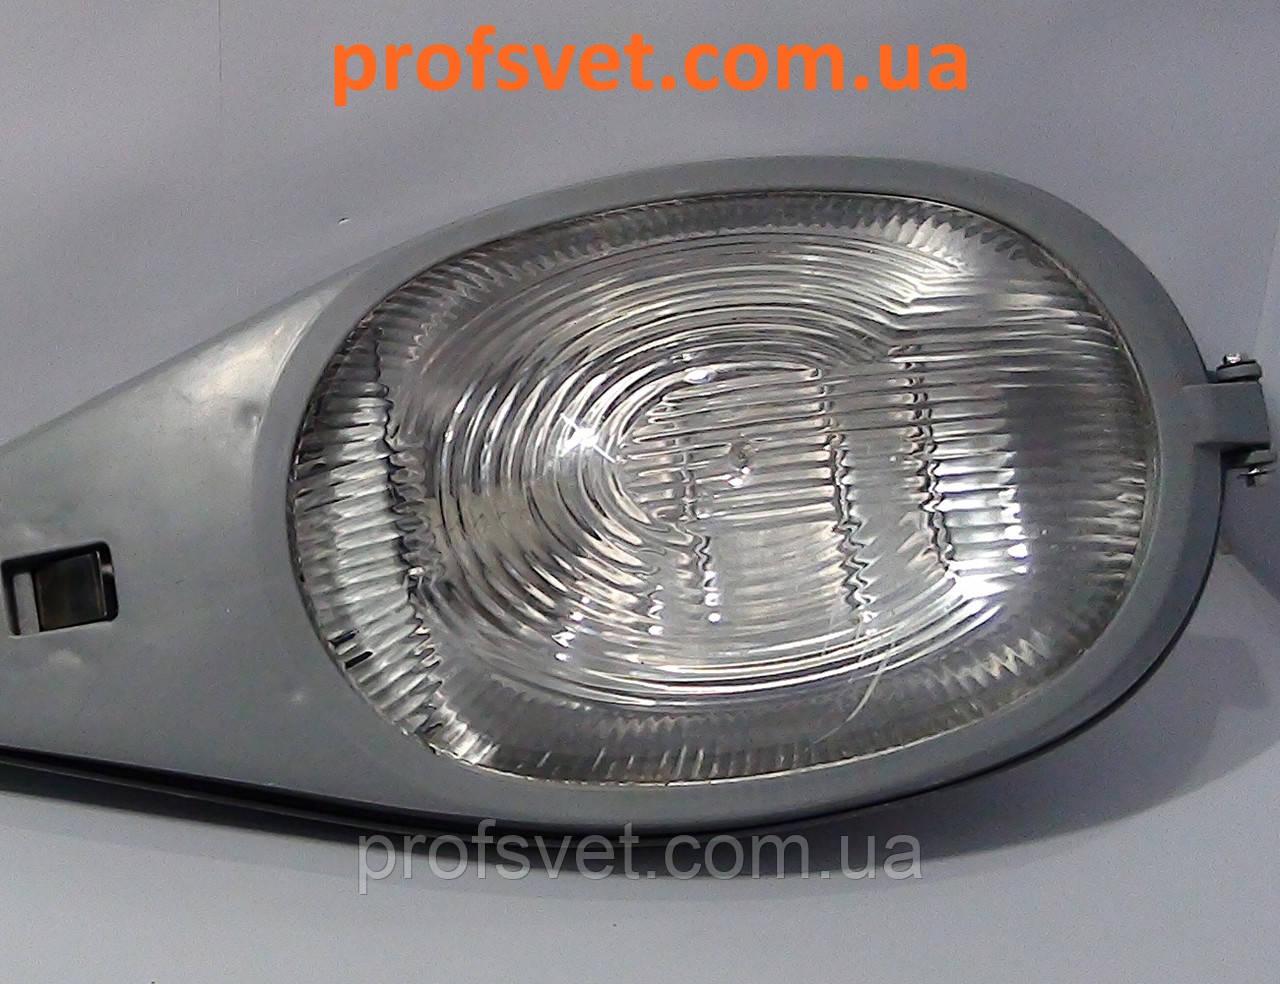 Светильник уличный ЖКУ 70 вт е27 лампа ДНаТ